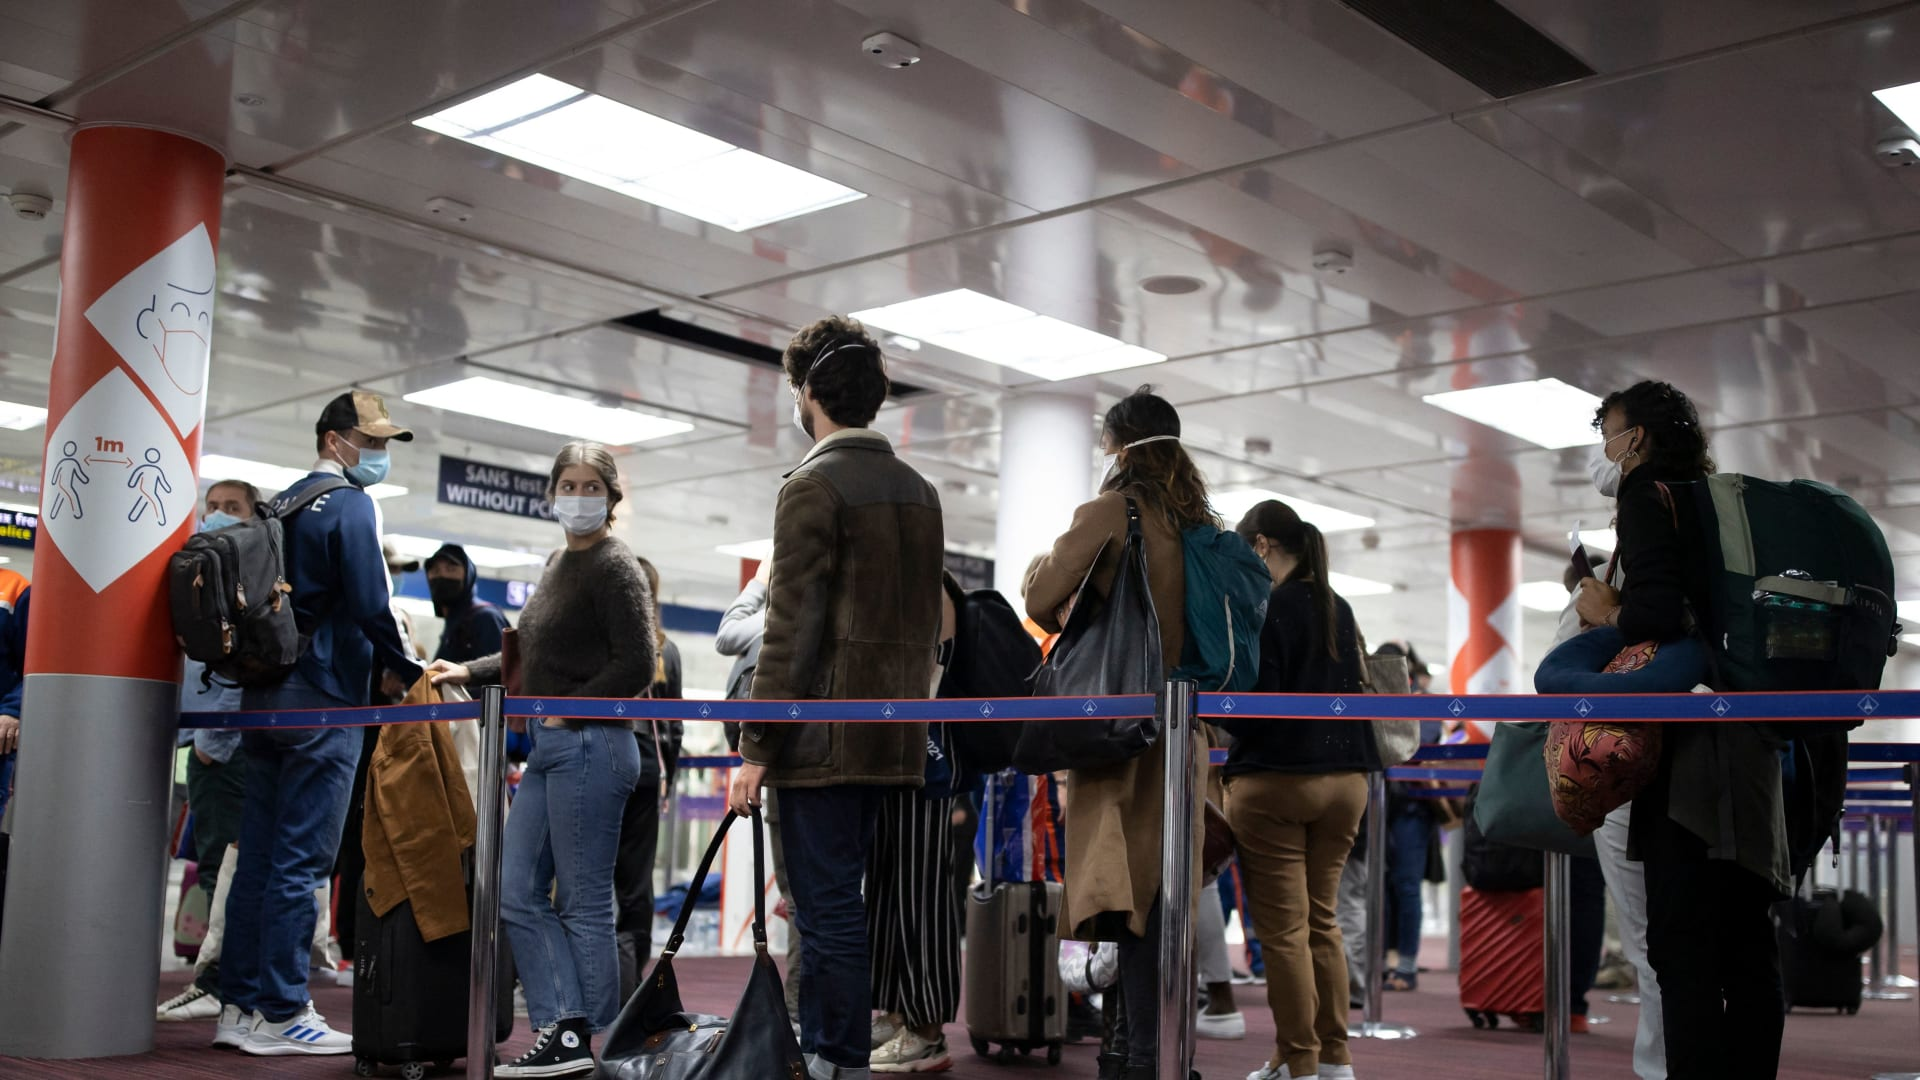 المسافرون في منطقة مراقبة جوازات السفر بمطار رواسي شارل ديغول في رواسي - 25 أبريل/نيسان